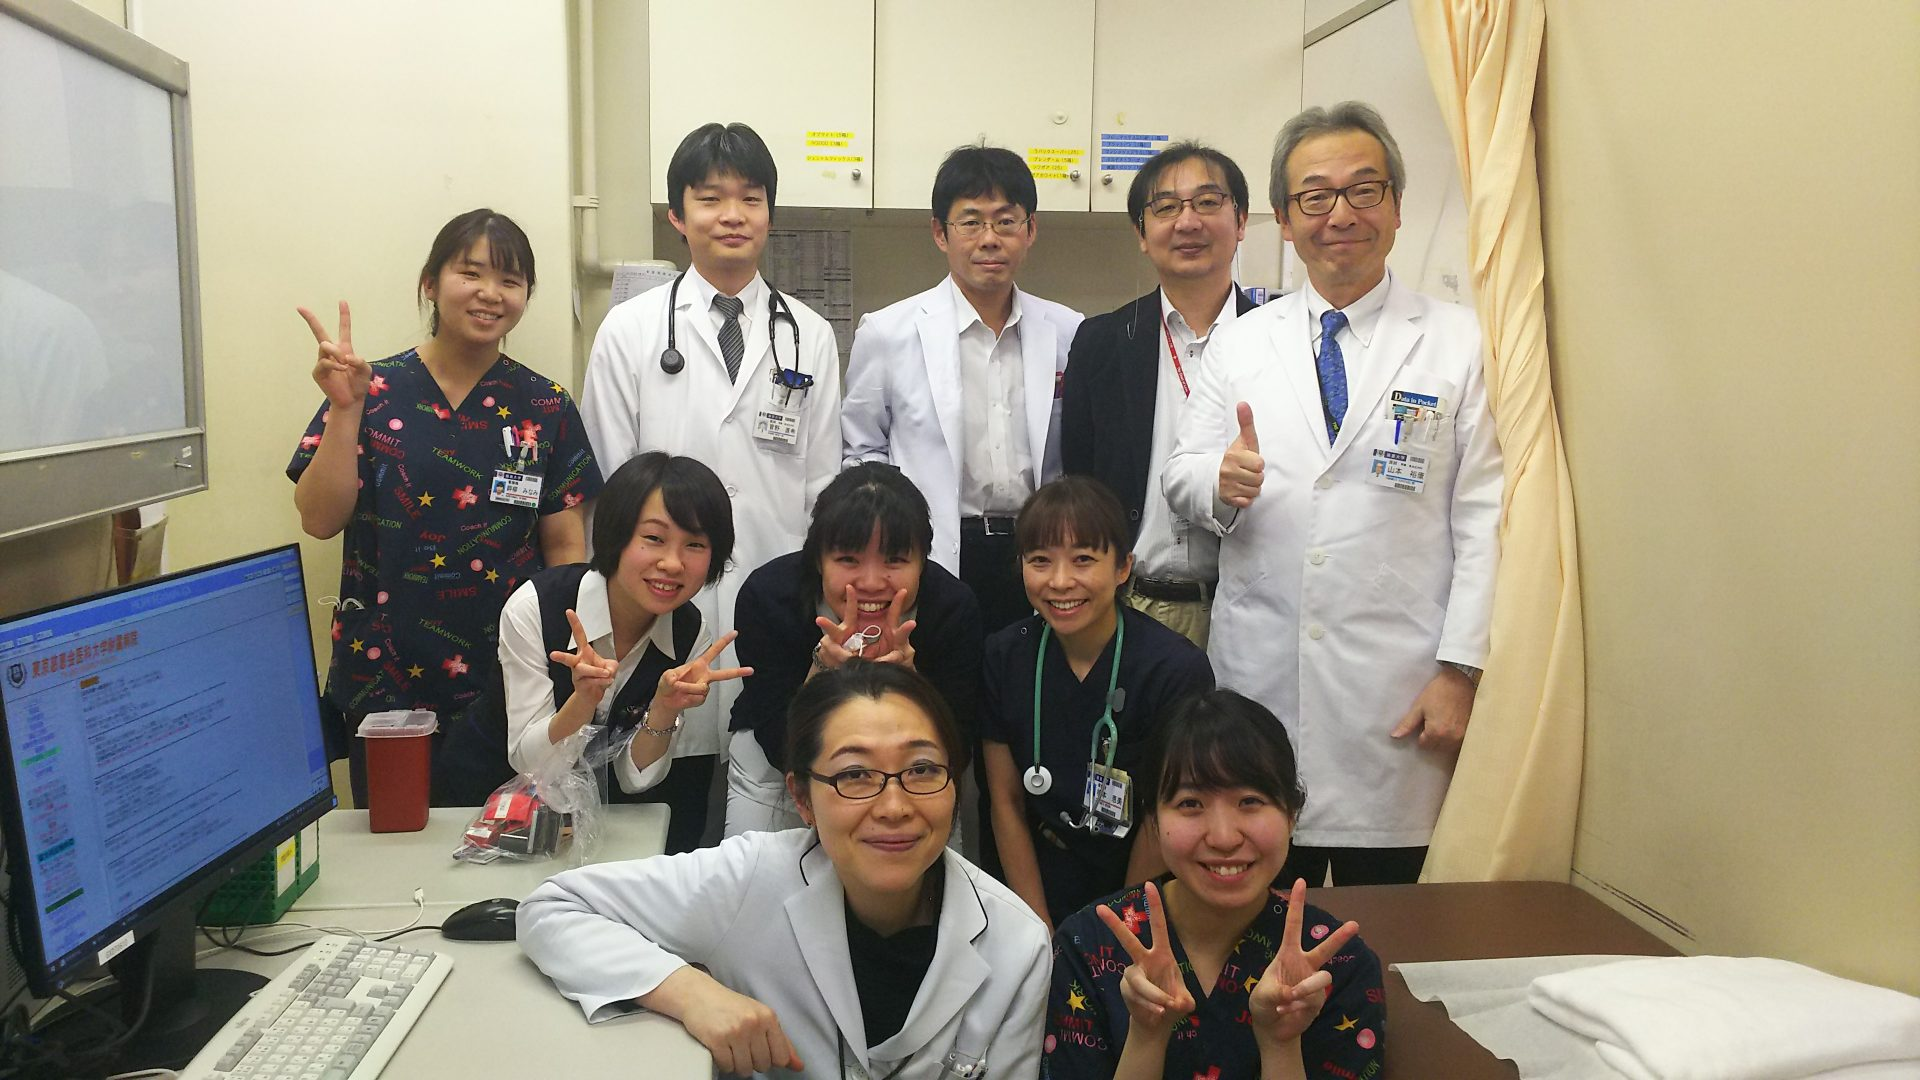 東京 慈恵 会 医科 大学 附属 病院